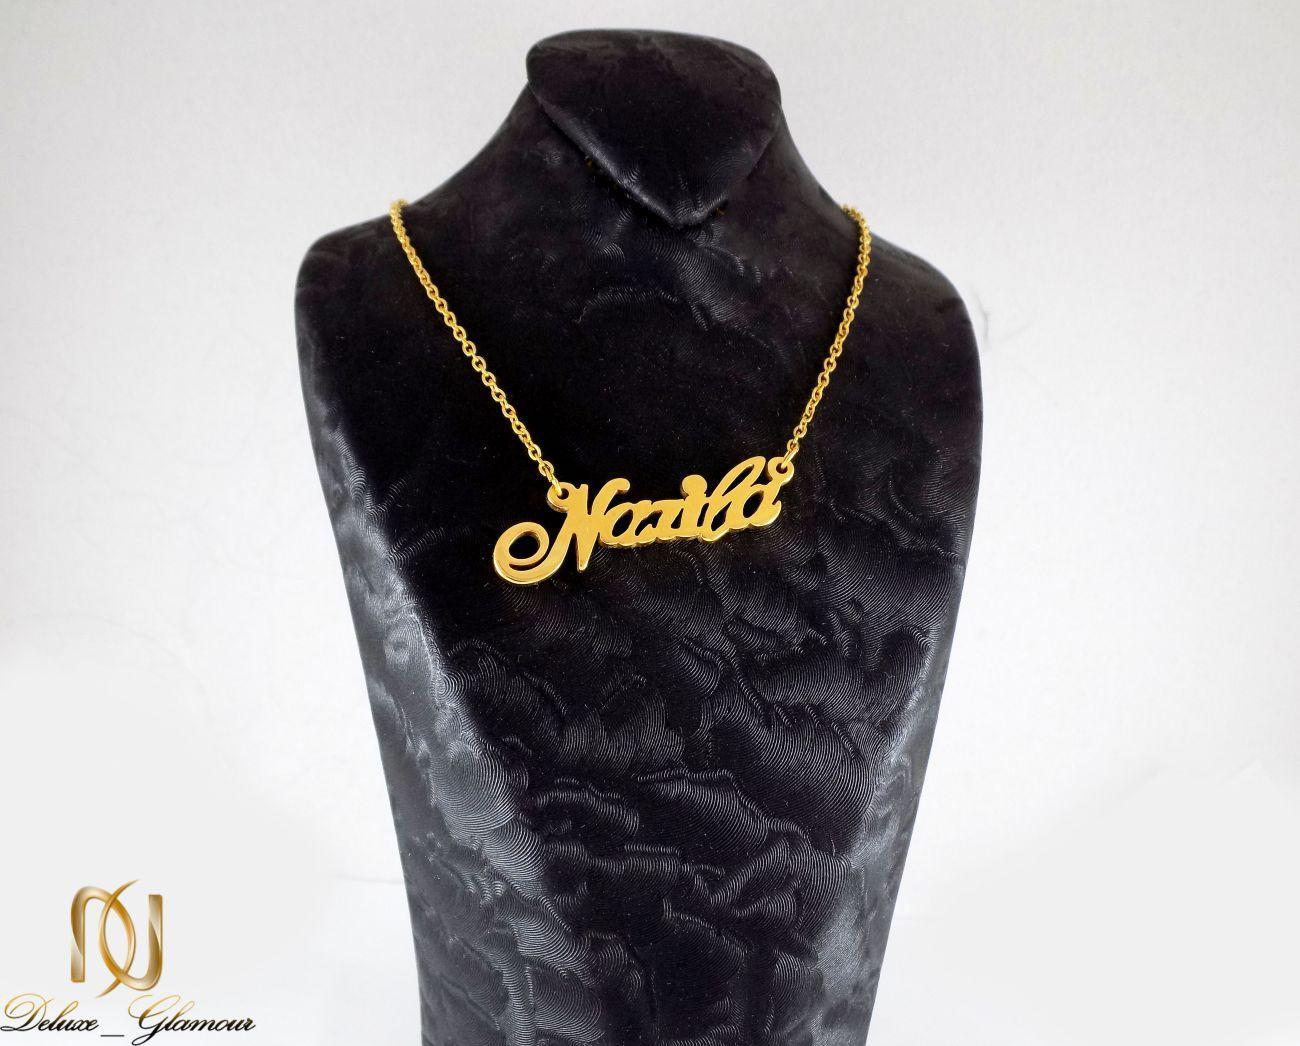 گردنبند اسم نازیلا لاتین استیل با روکش آب طلای 18 عیار nw-n220 از نمای روی استند